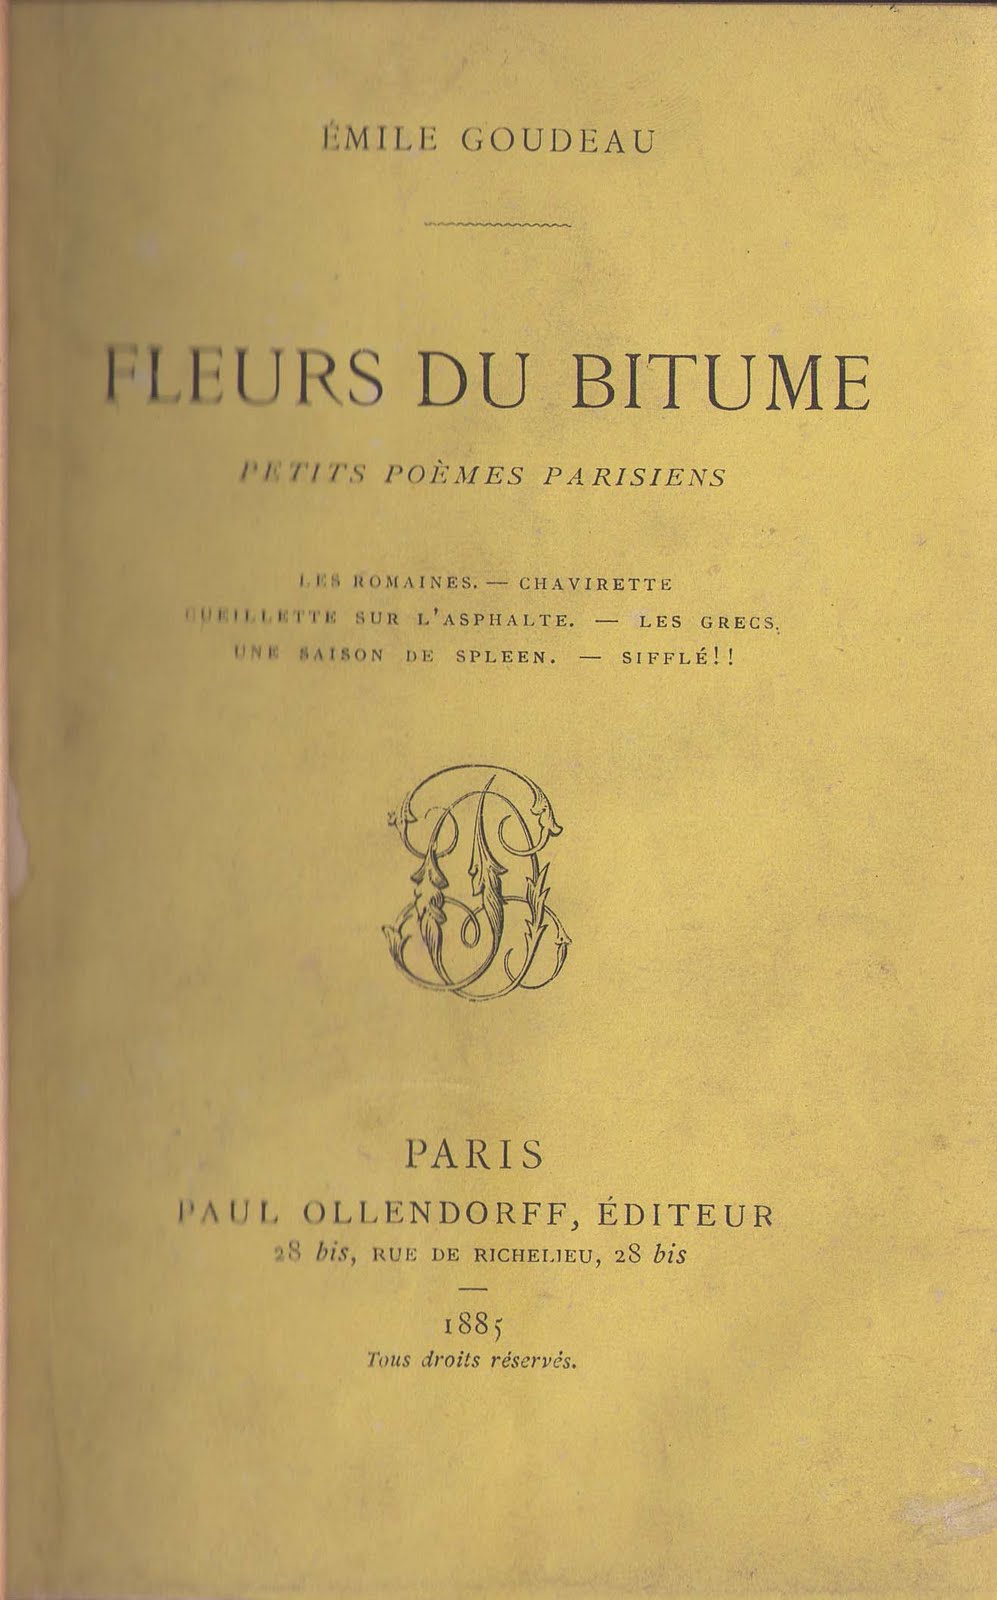 livrenblog emile goudeau fleurs du bitume 1885. Black Bedroom Furniture Sets. Home Design Ideas